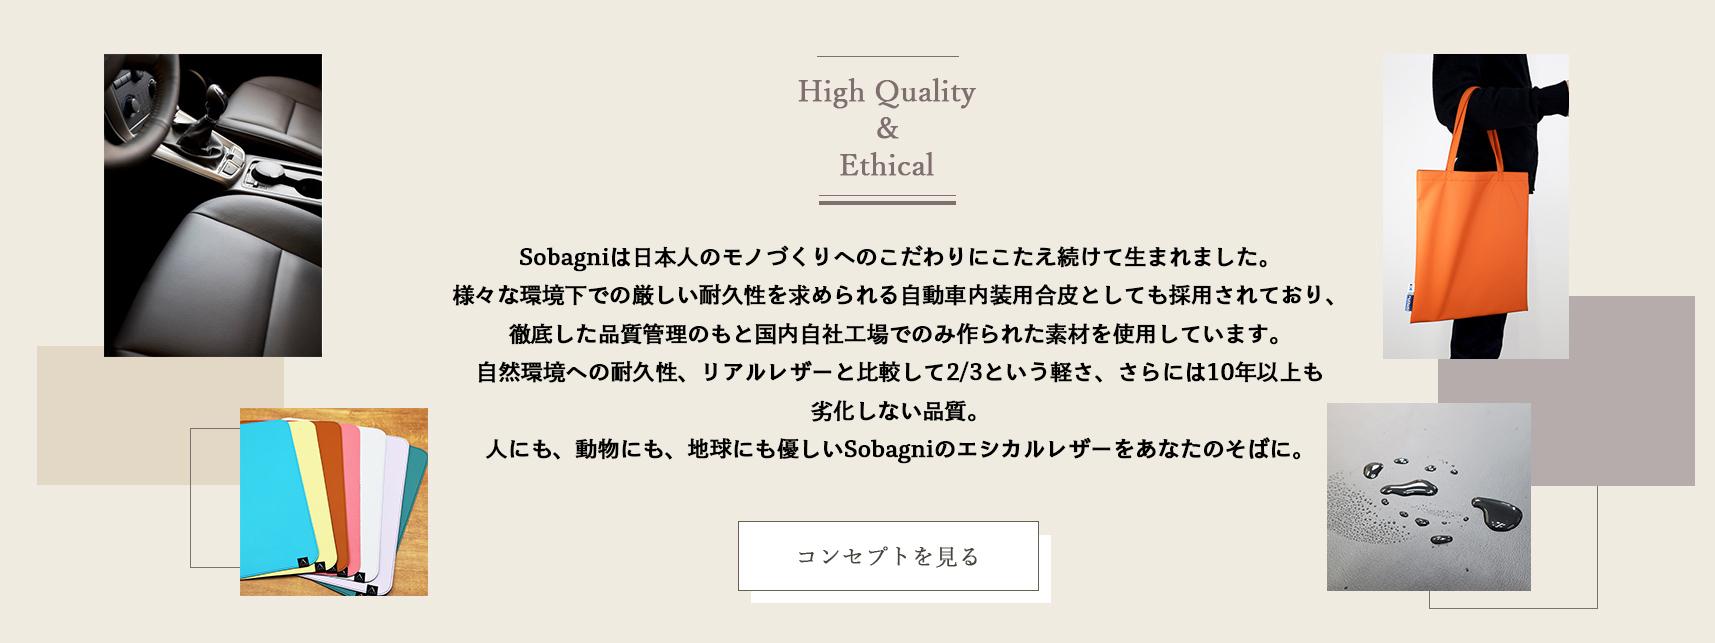 品質とエシカルについて